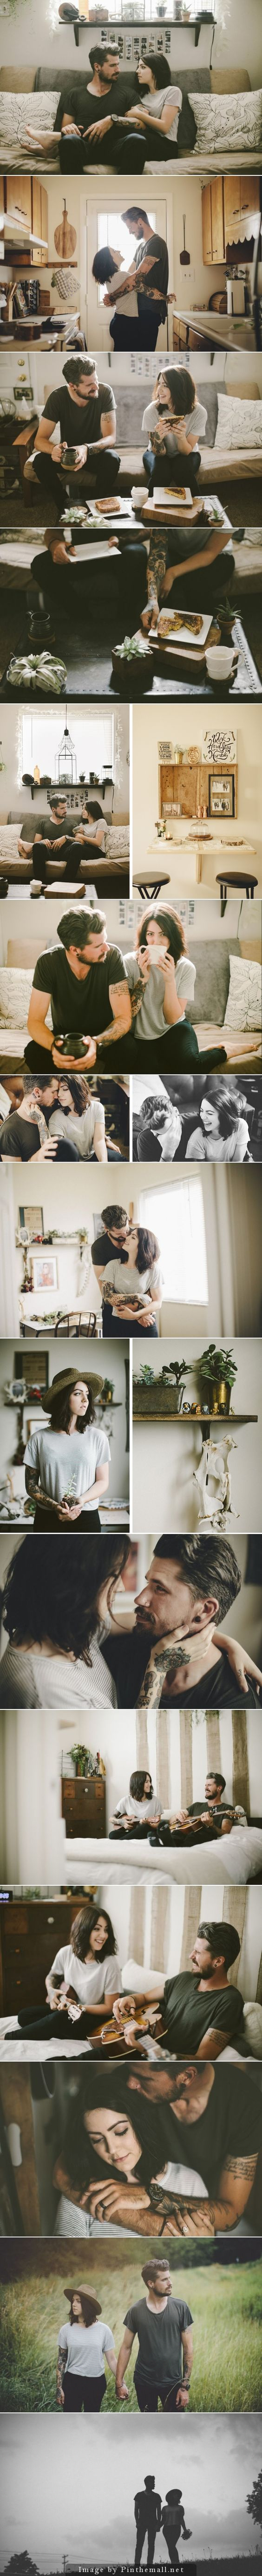 عکس های تاپ دختر و پسرهای عاشق  (4)